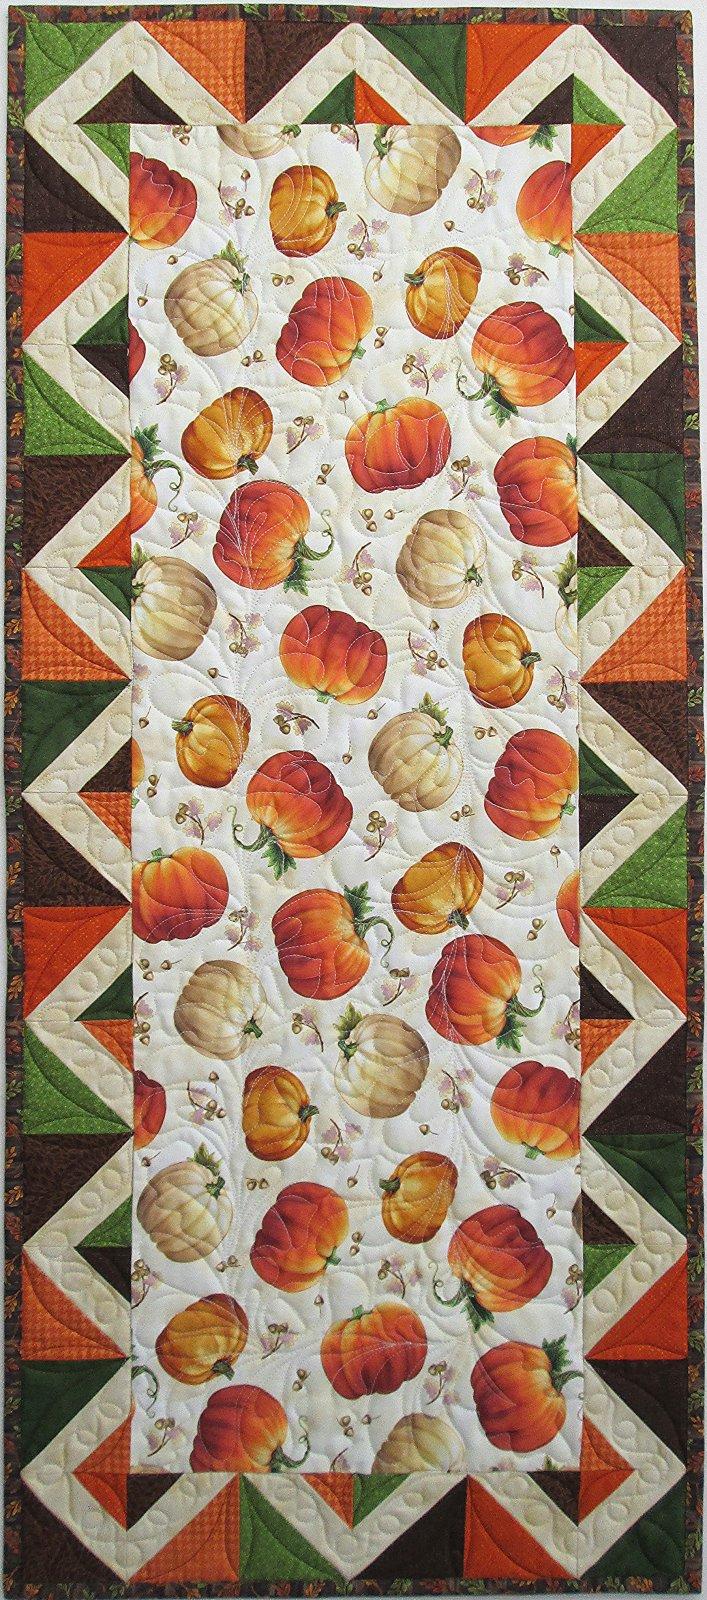 Harvest Elegance Pumpkin Table Runner Sample